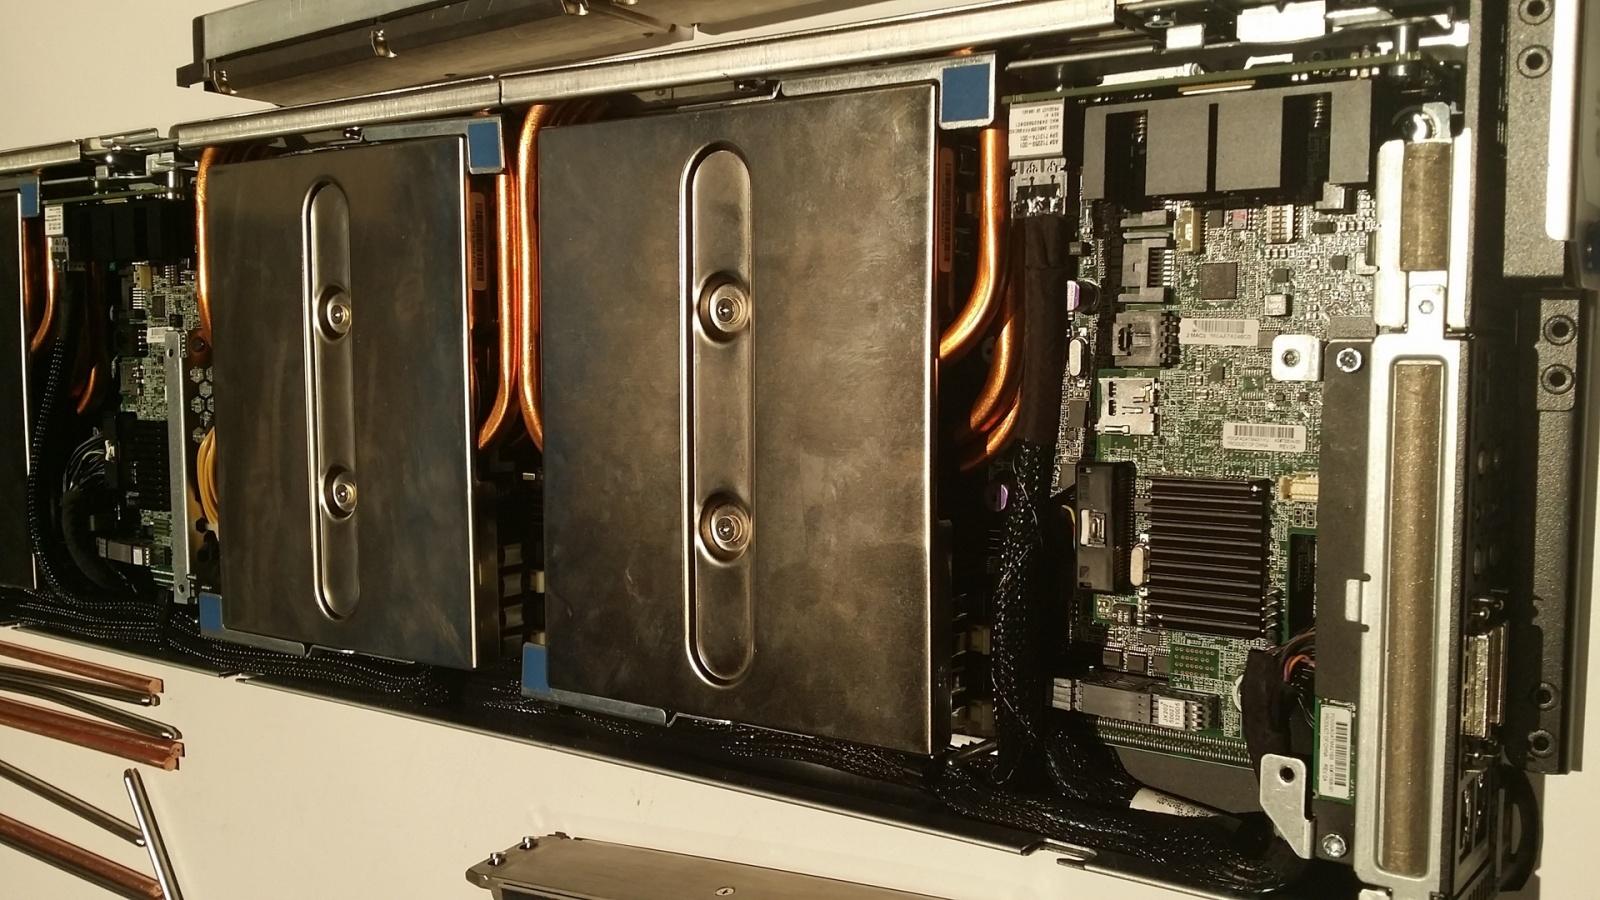 Суперкомпьютер с системой водяного охлаждения HP Apollo 8000 - 1